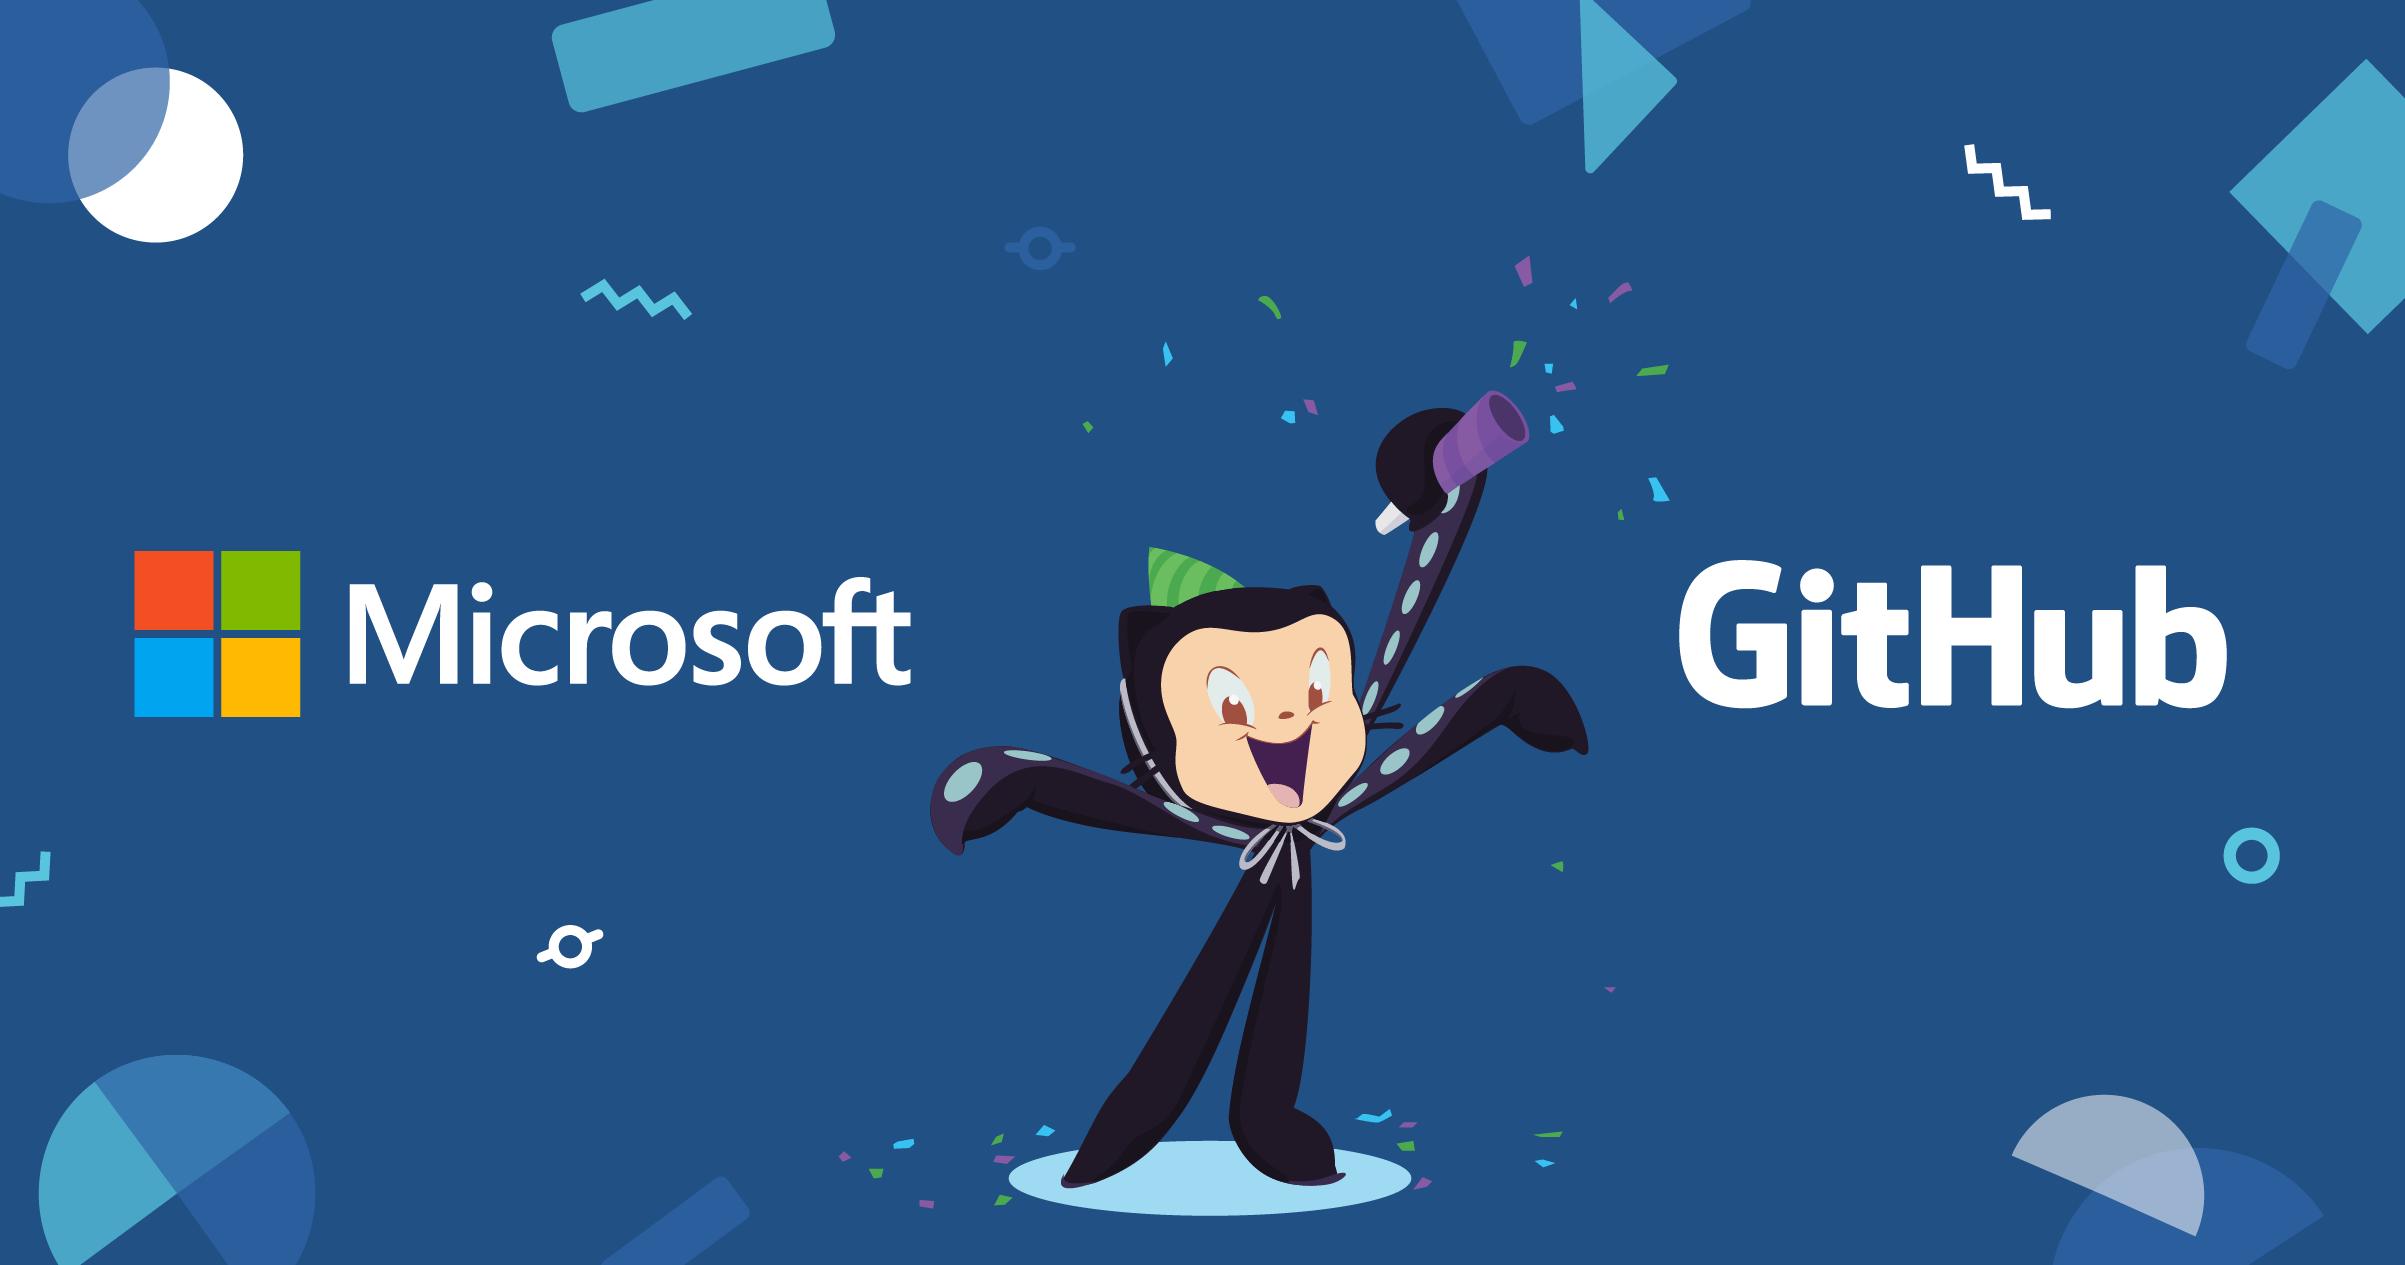 GitHub and Microsoft